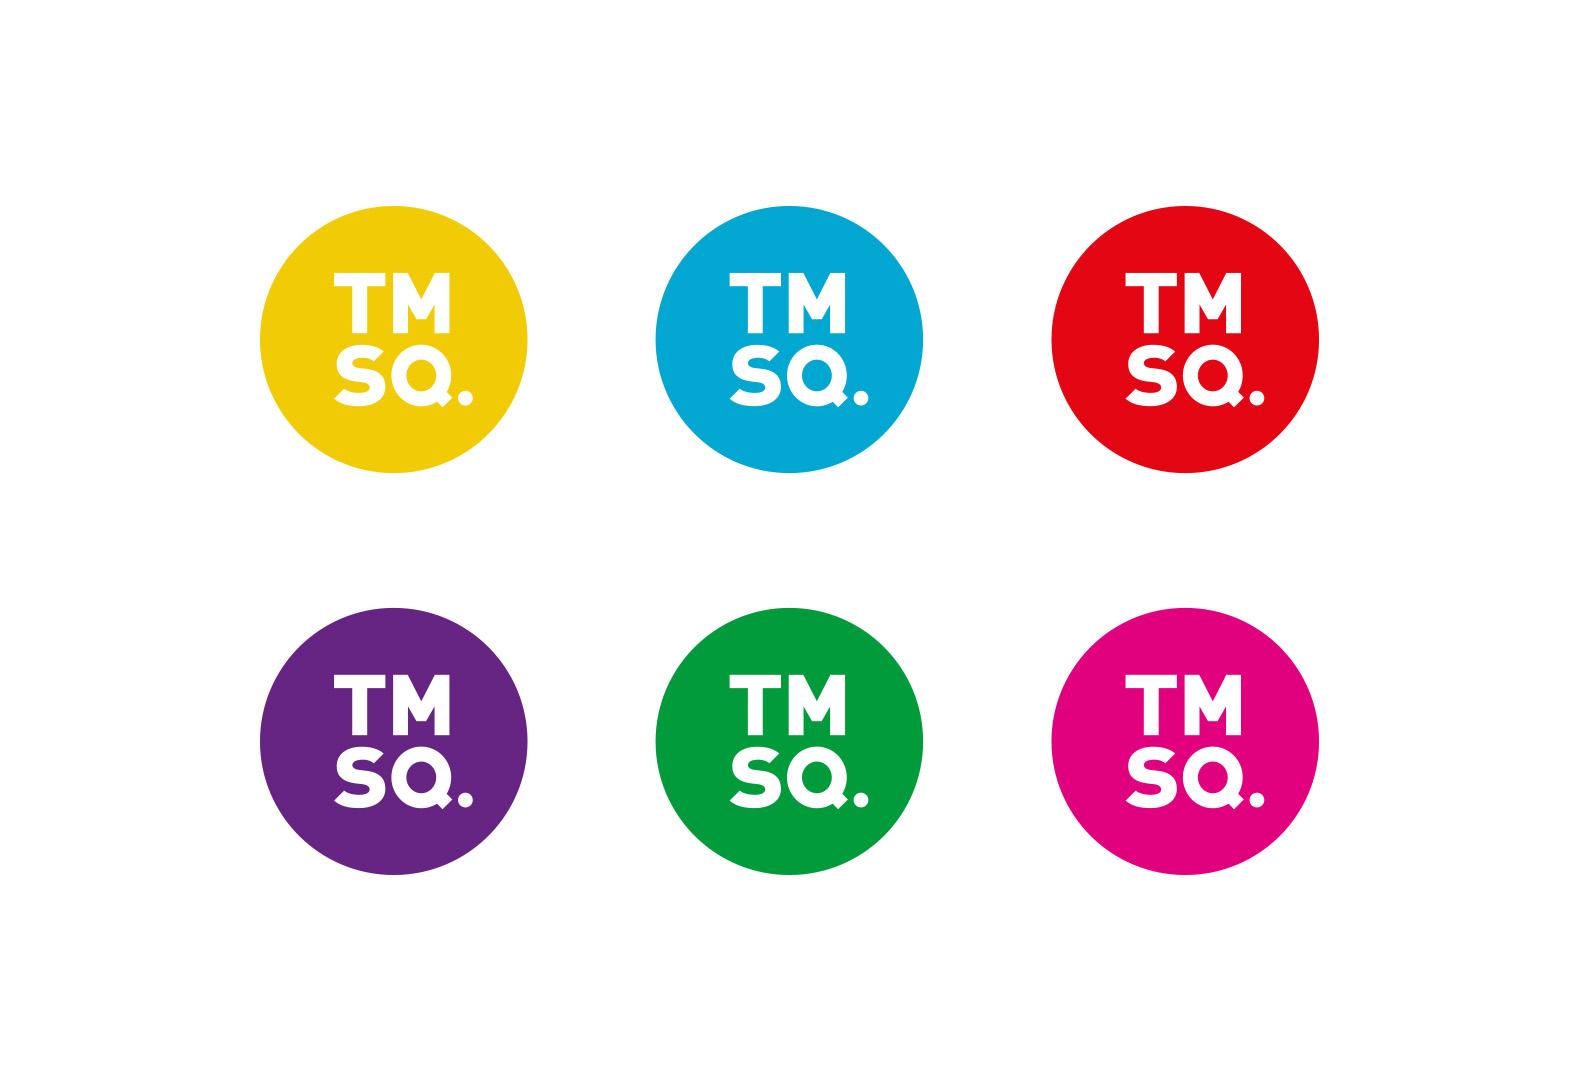 Thomas_More_Sq_04